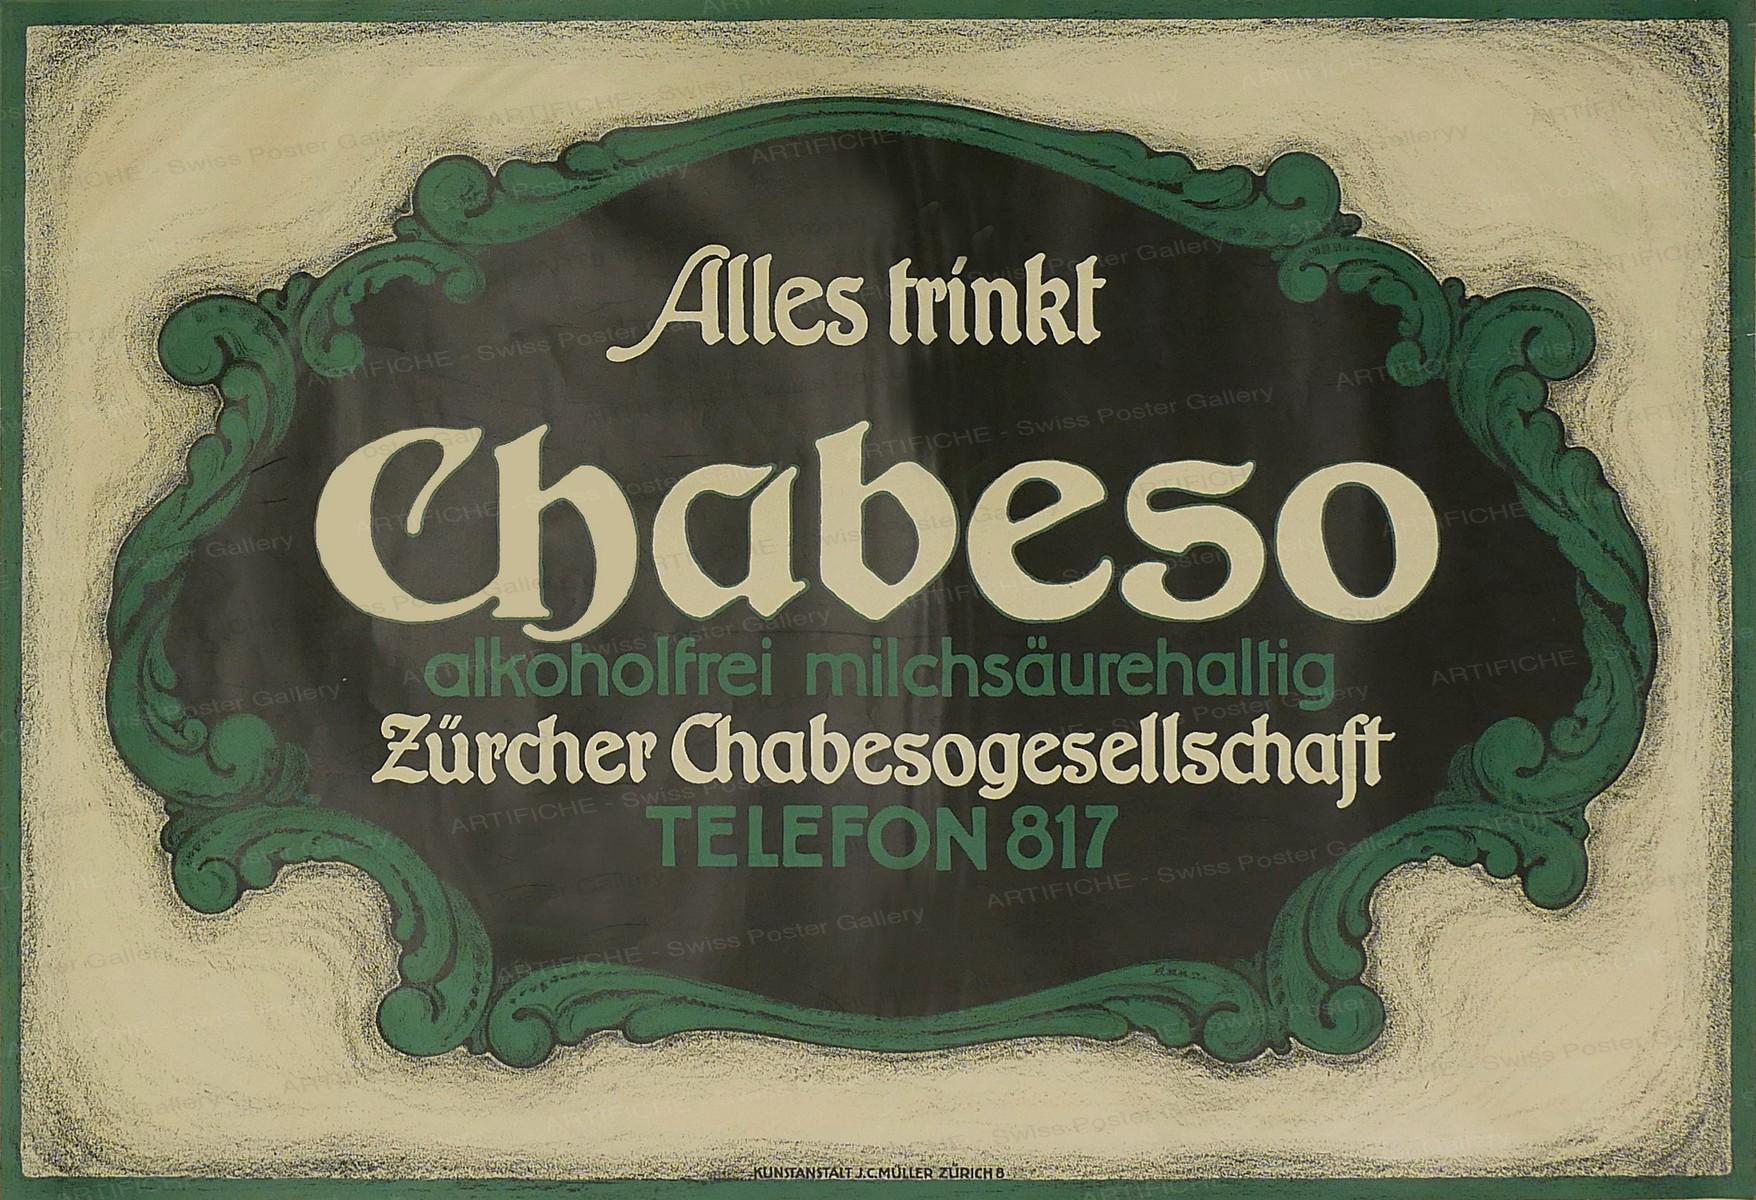 Alles trinkt Chabeso, Hans Heinrich Ernst Hartung